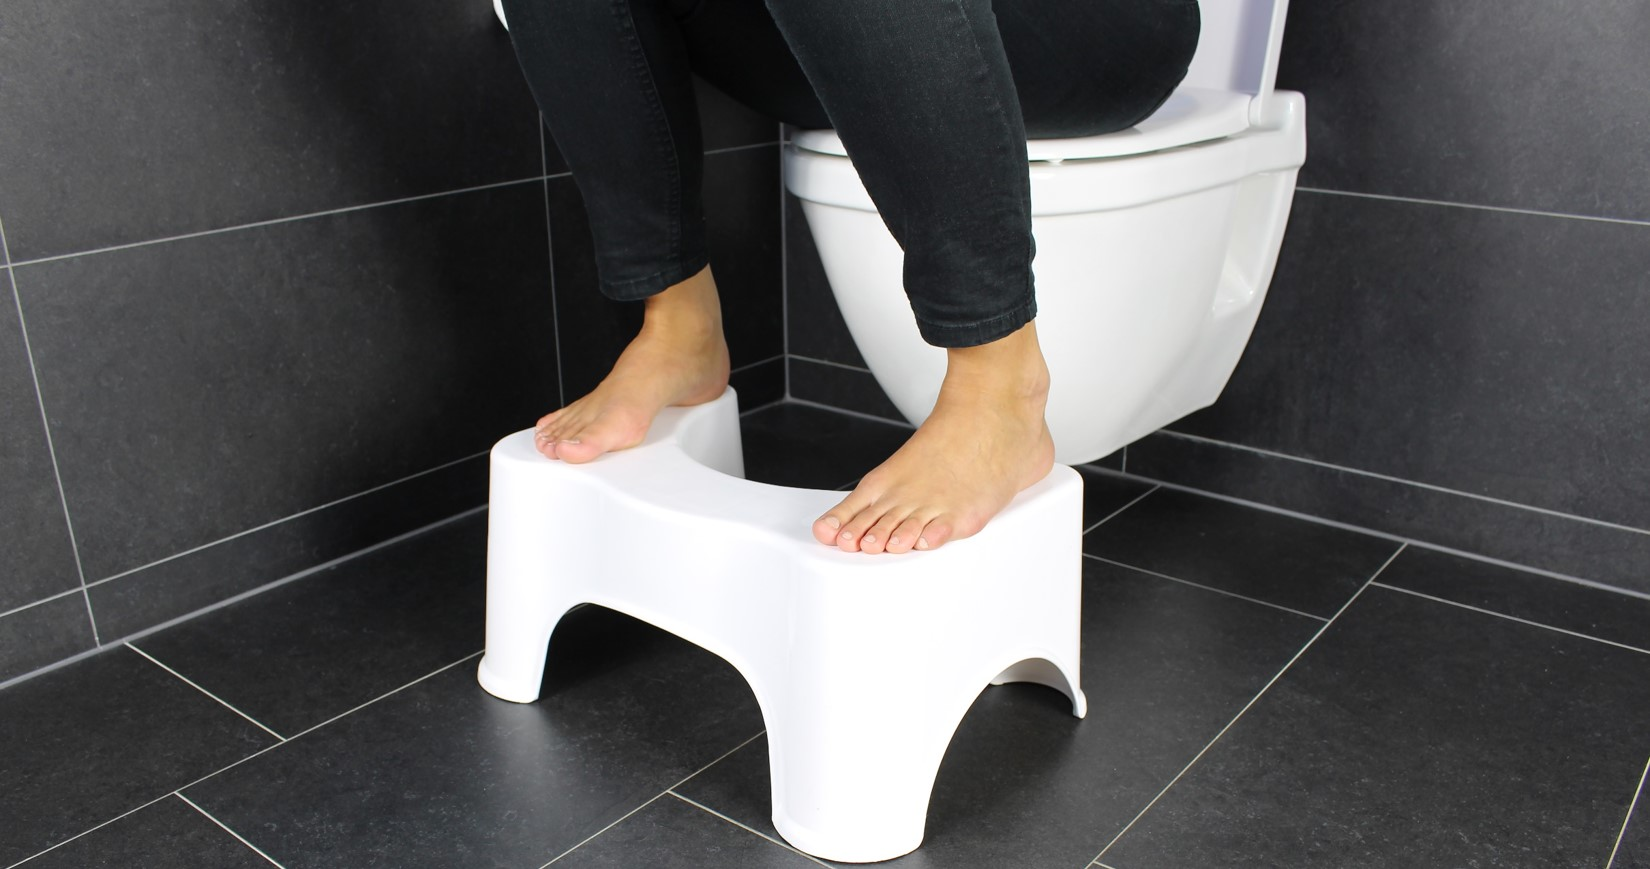 """""""toiletkruk-in-gebruik-met-toilet-en-twee-voeten"""""""